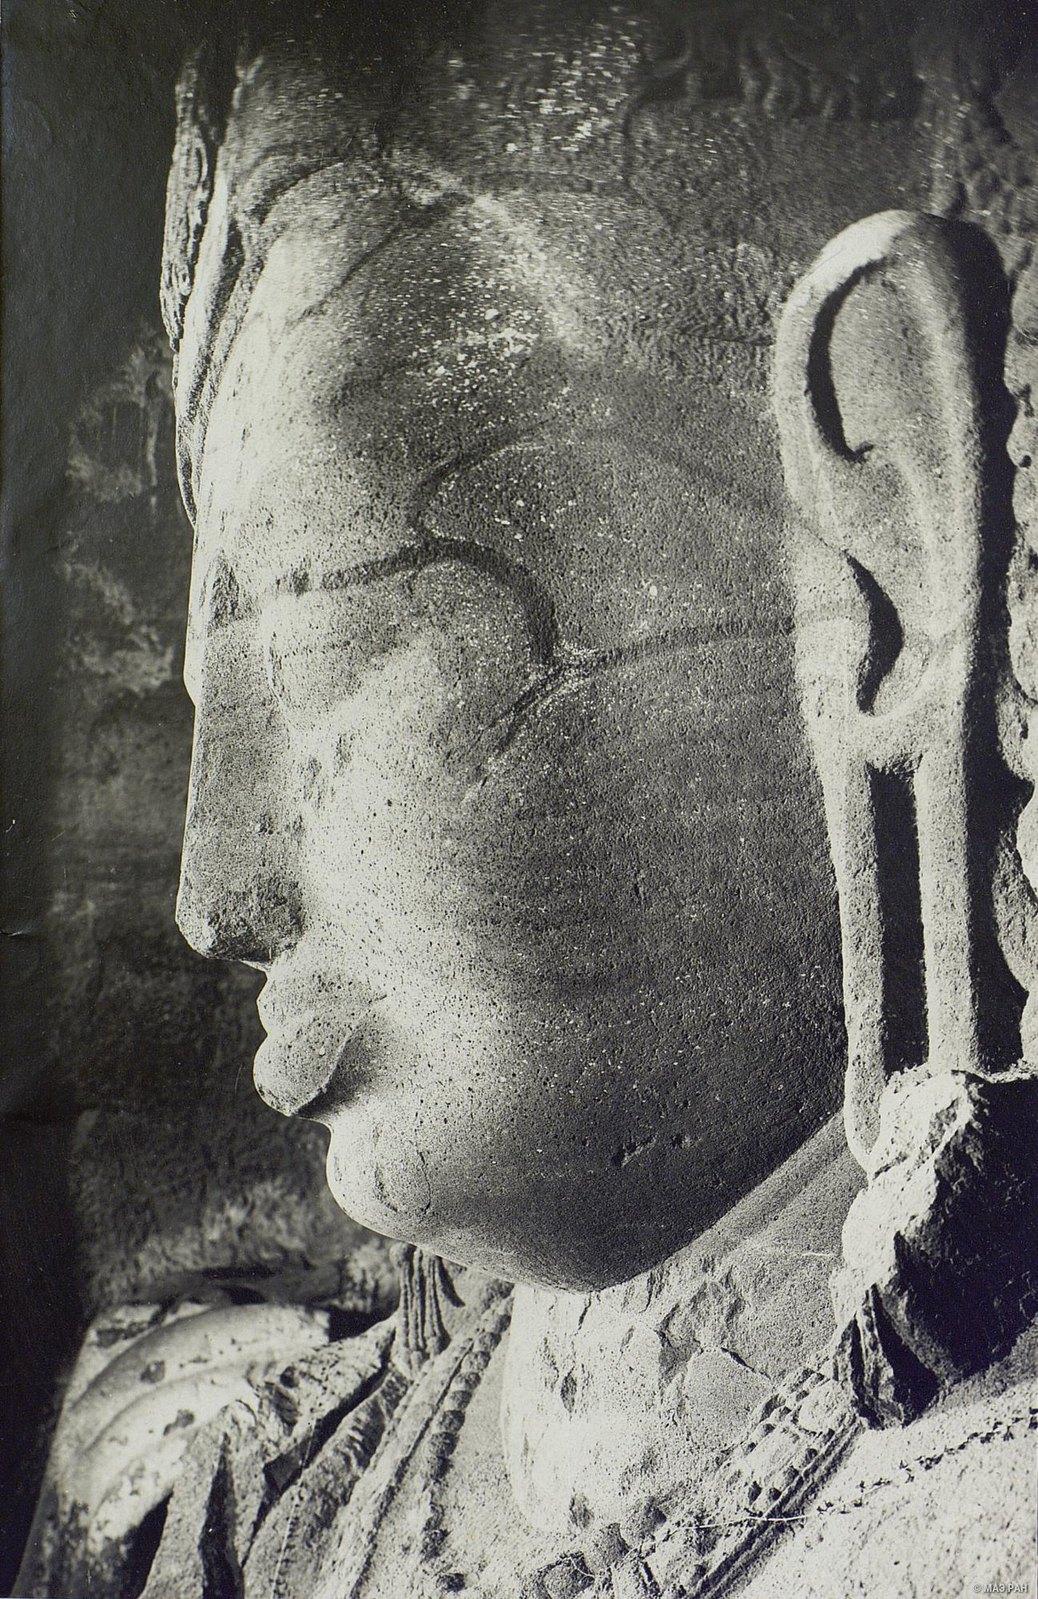 Пещерный храм в Элефанте (деталь скульптурного изображения Тримурти) (5)